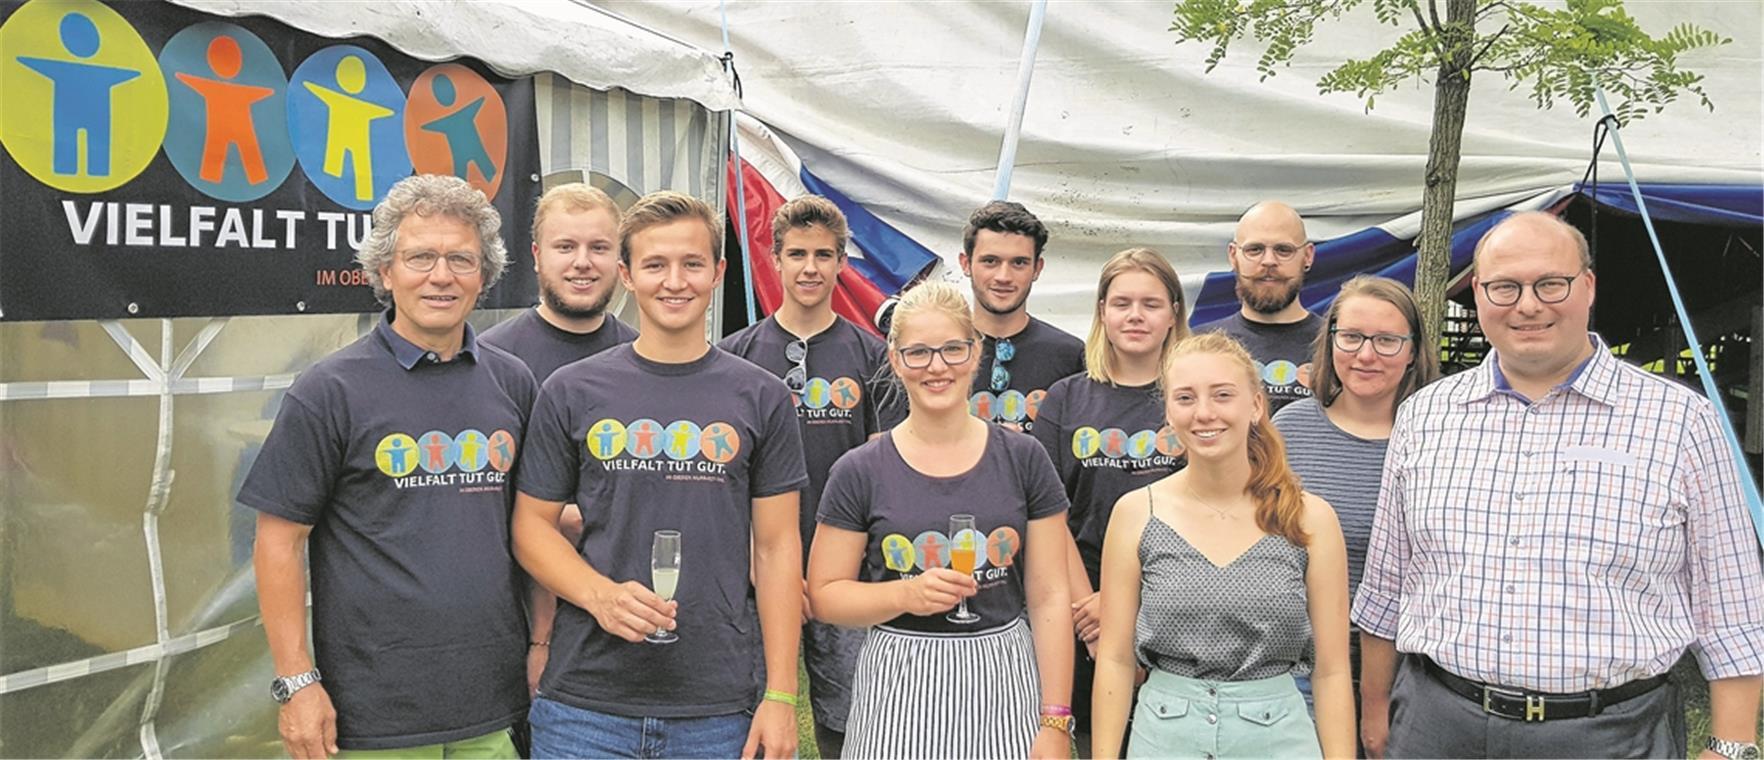 Team von Vielfalt tut gut, Erstwähler und Bürgermeister Armin Mößner (rechts) haben beim Murrhardter Sommerpalast auf die Aktion angestoßen und sich ausgetauscht. Foto: privat